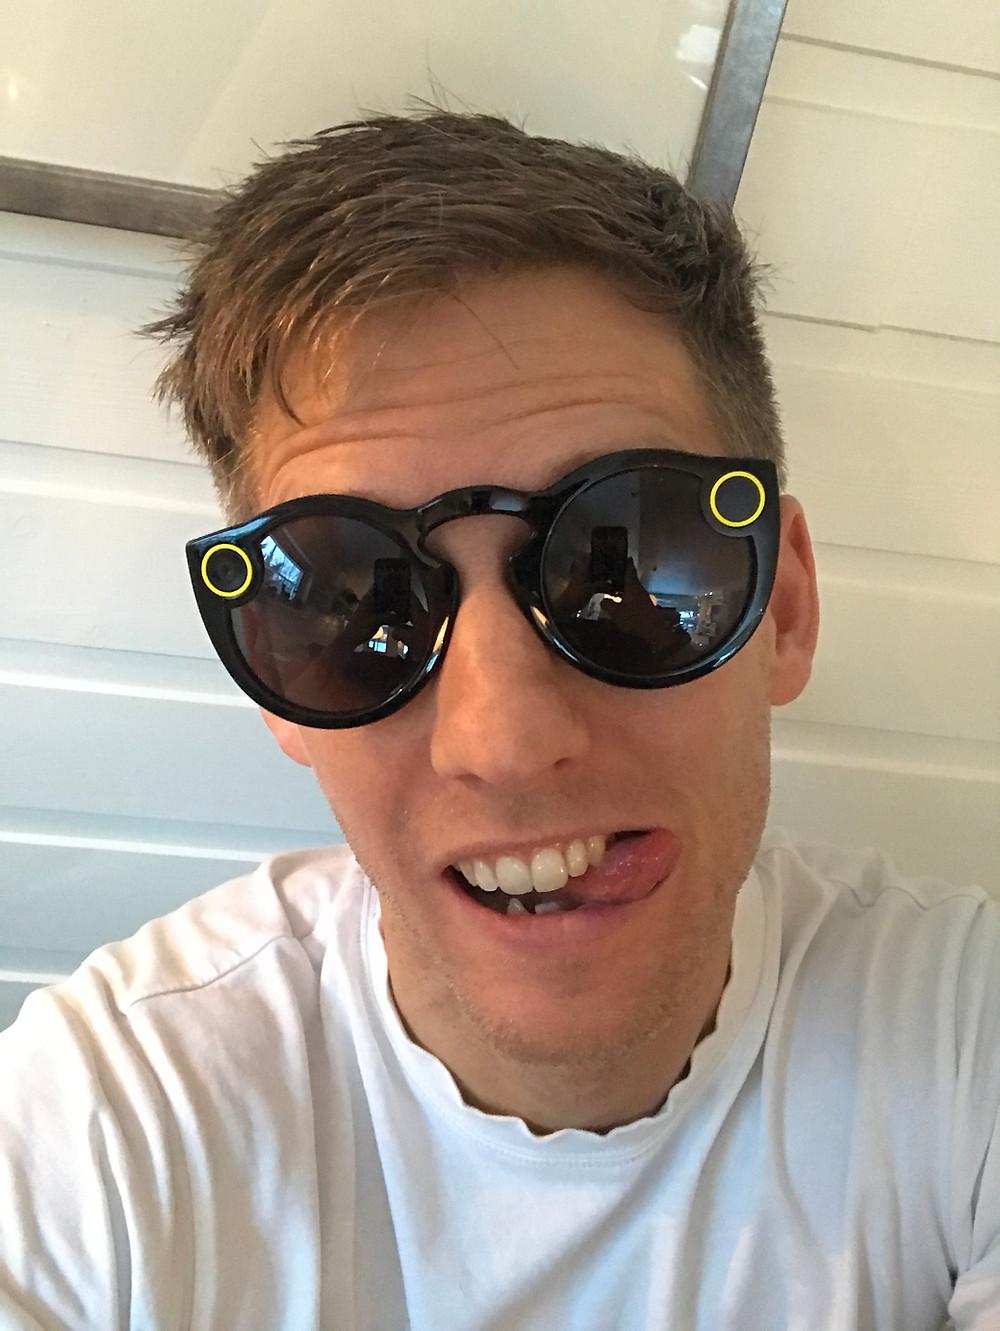 Spectacles heter de nye brillene som rett og slett filmer Snapper til Snapchat.